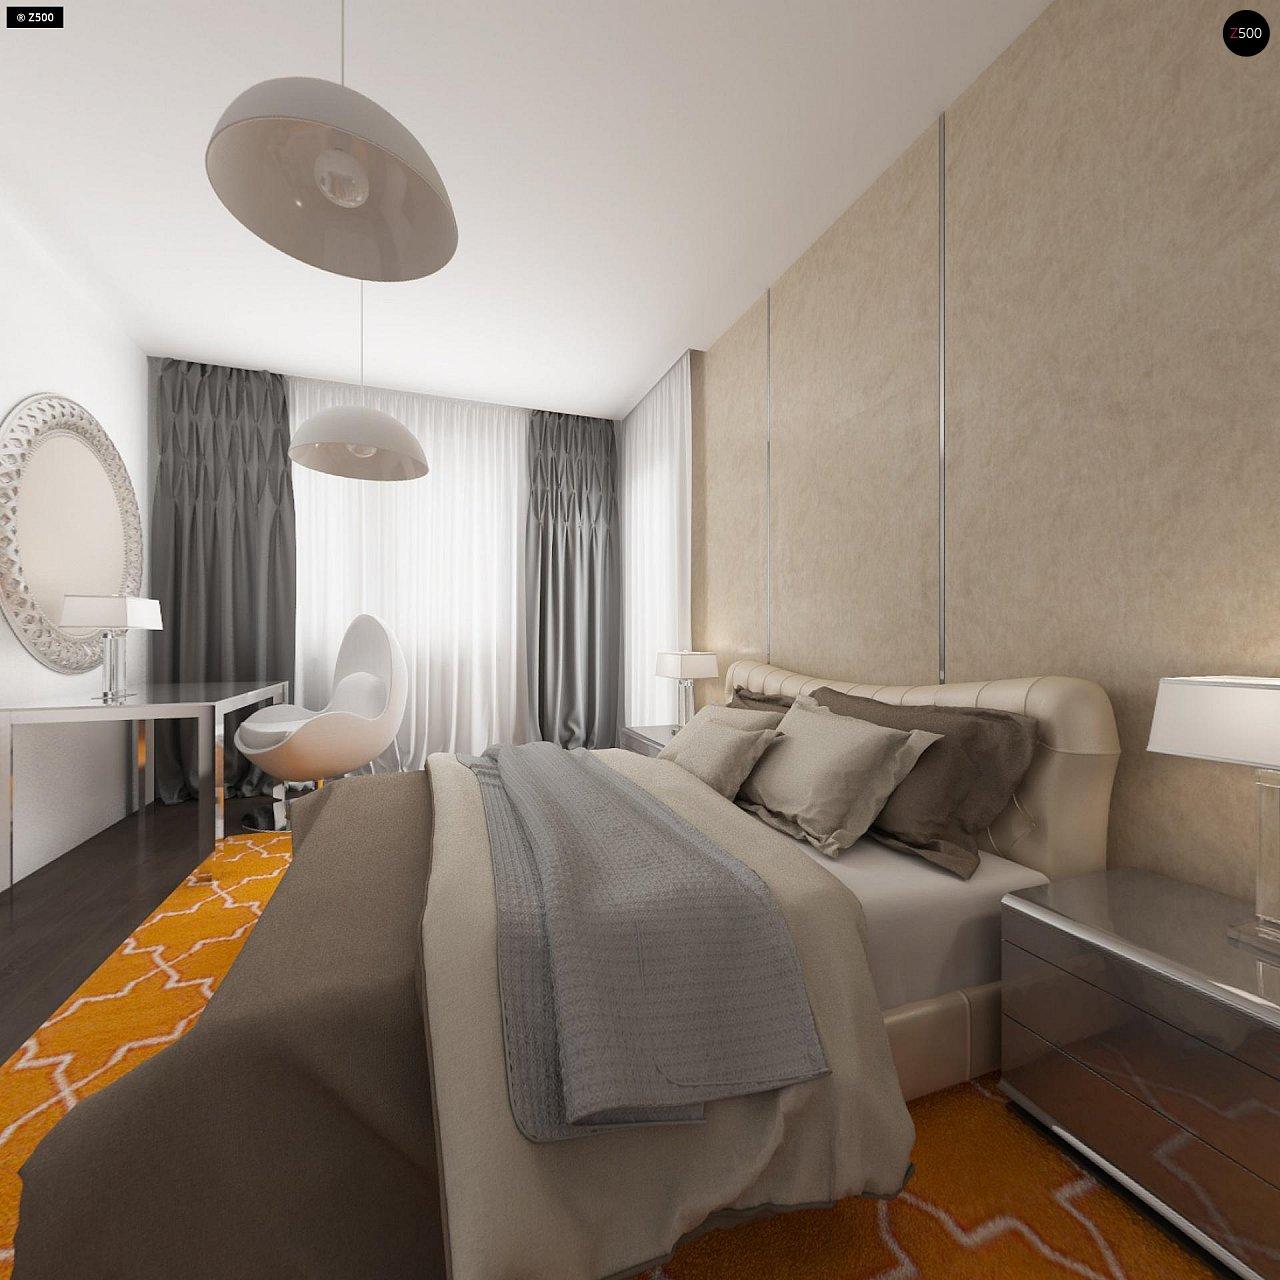 Проект удобного одноэтажного дома с гаражом для двух автомобилей и большим хозяйственным помещением. 11